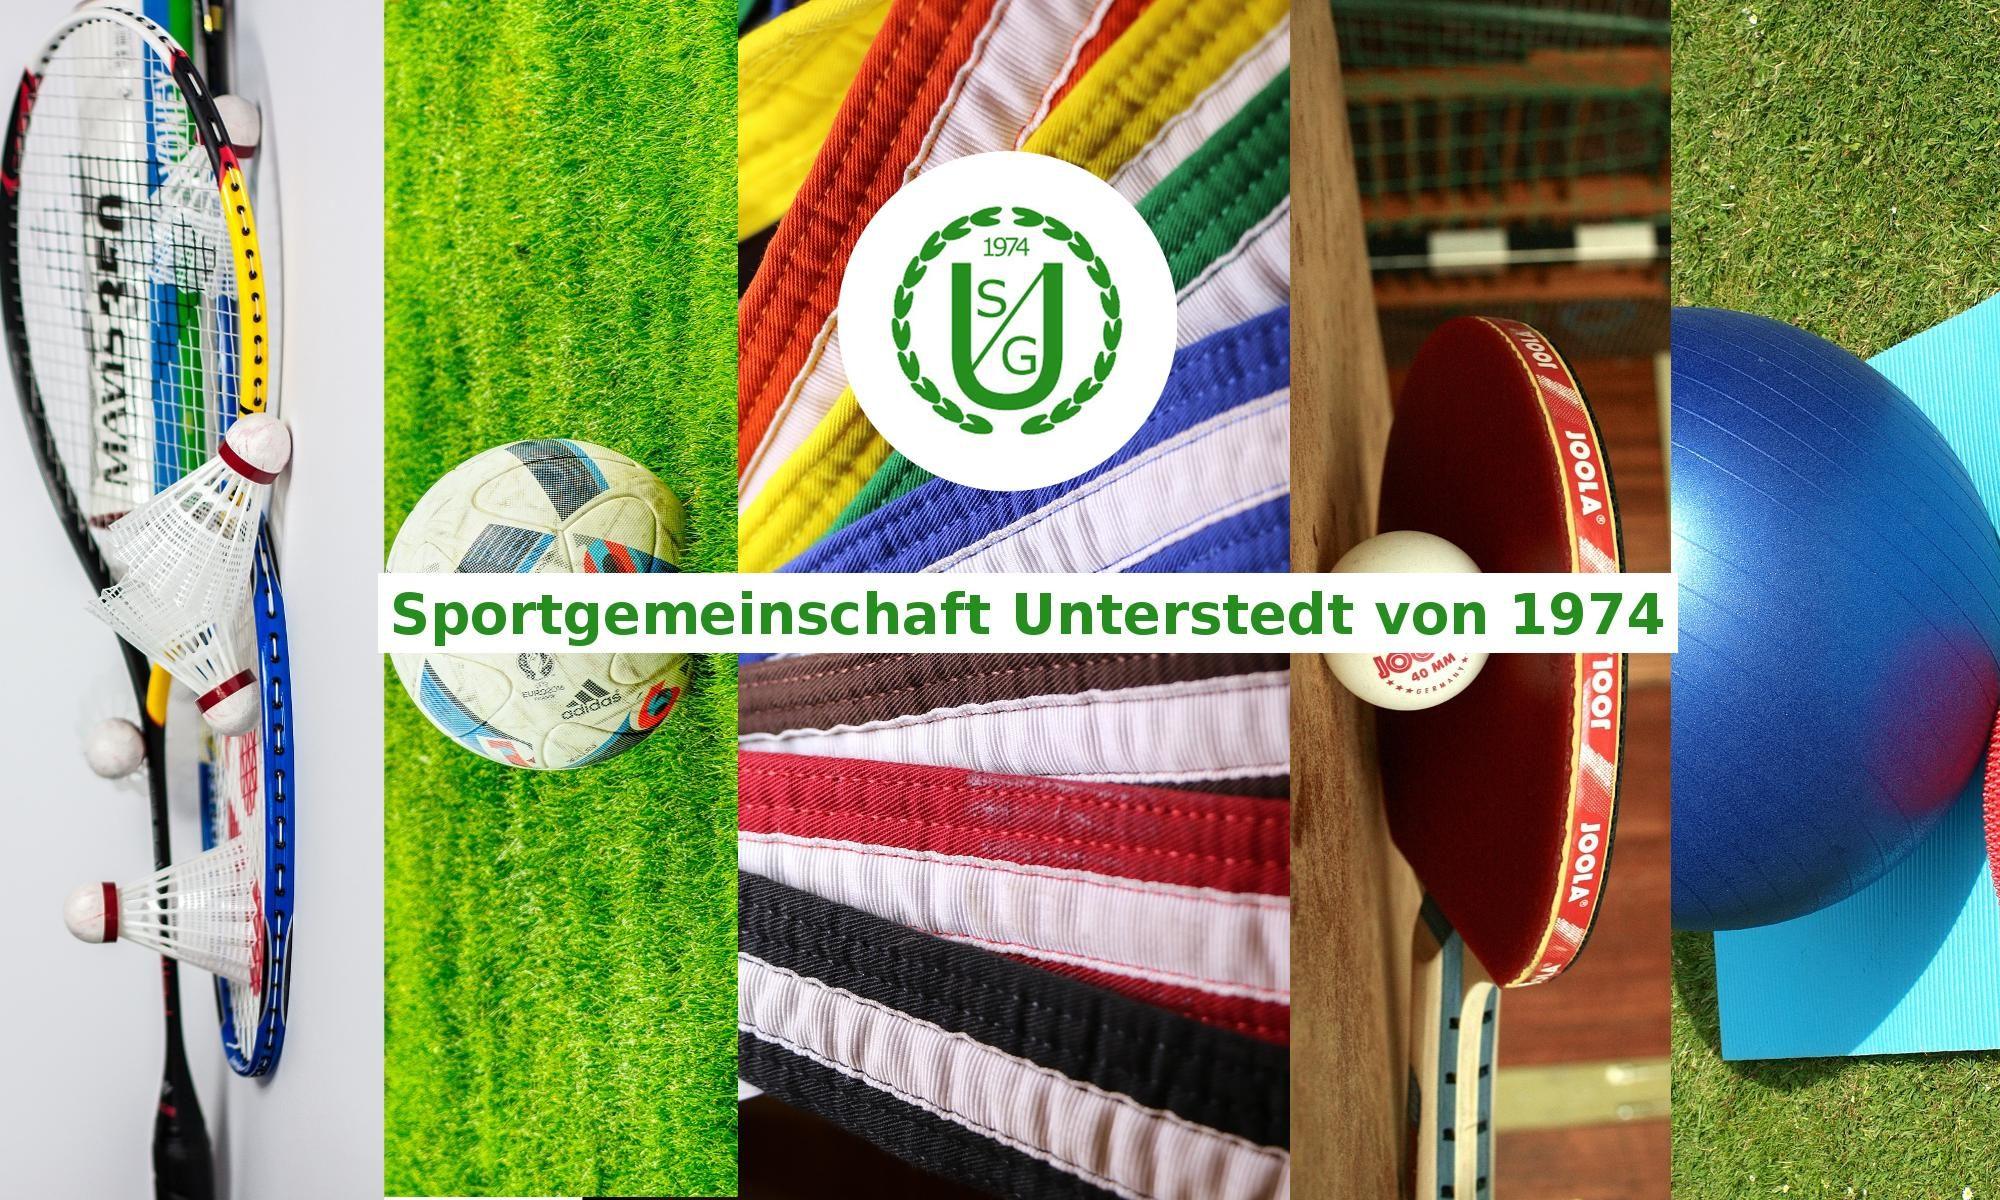 SG Unterstedt